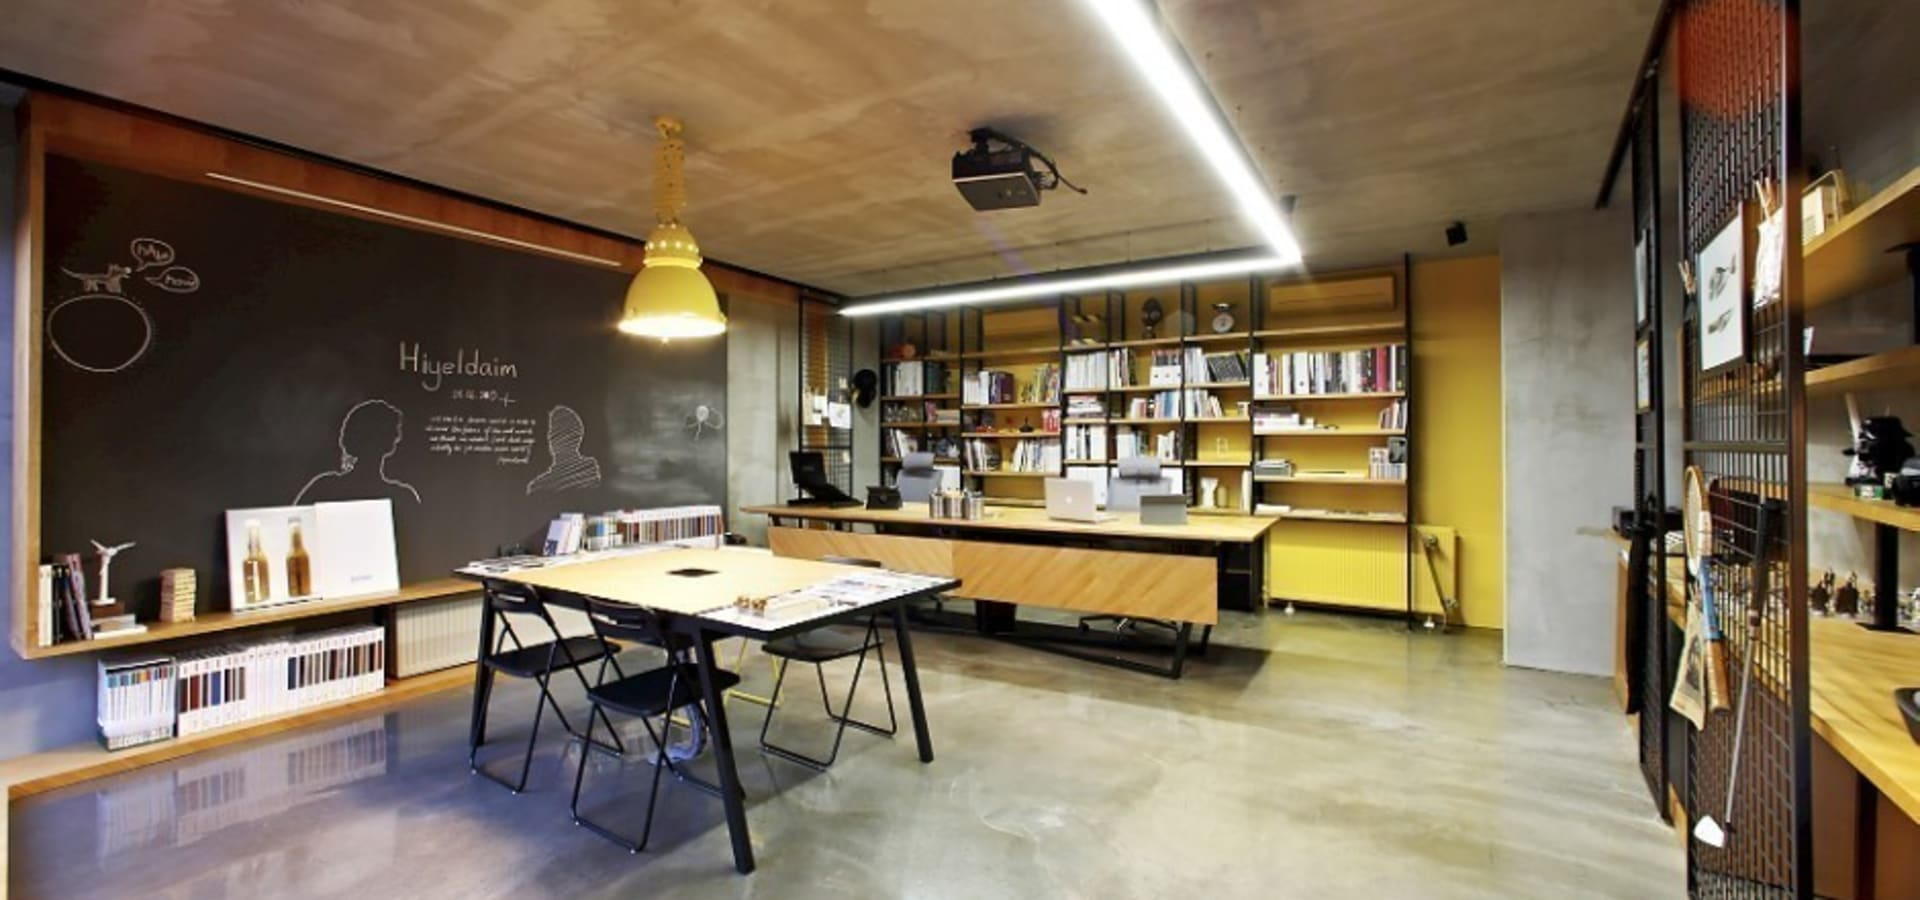 Hiyeldaim İç Mimarlık & Tasarım